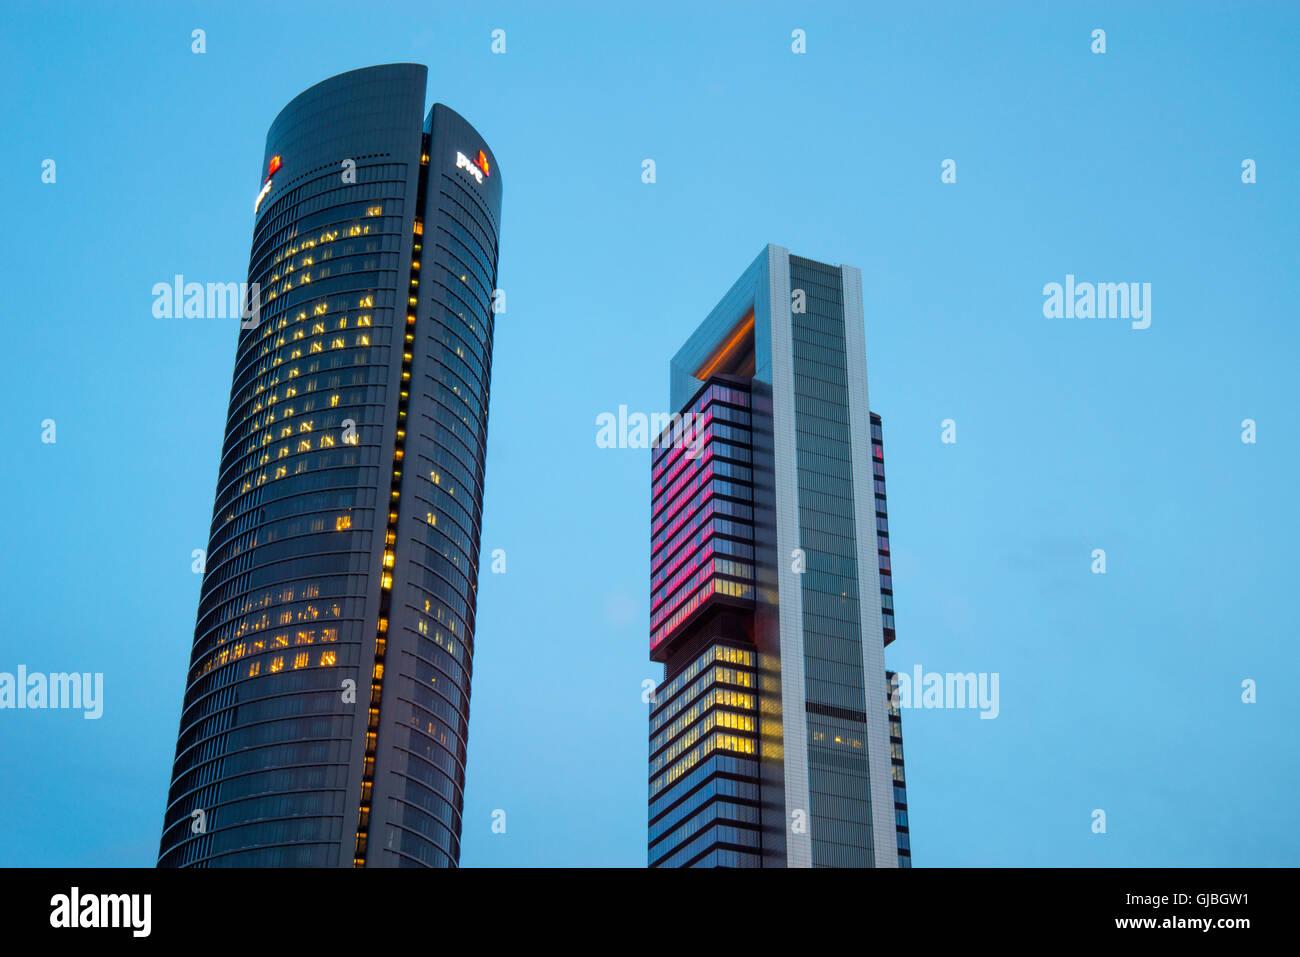 Edificio oficinas im genes de stock edificio oficinas fotos de stock alamy - Oficinas bankia madrid ...